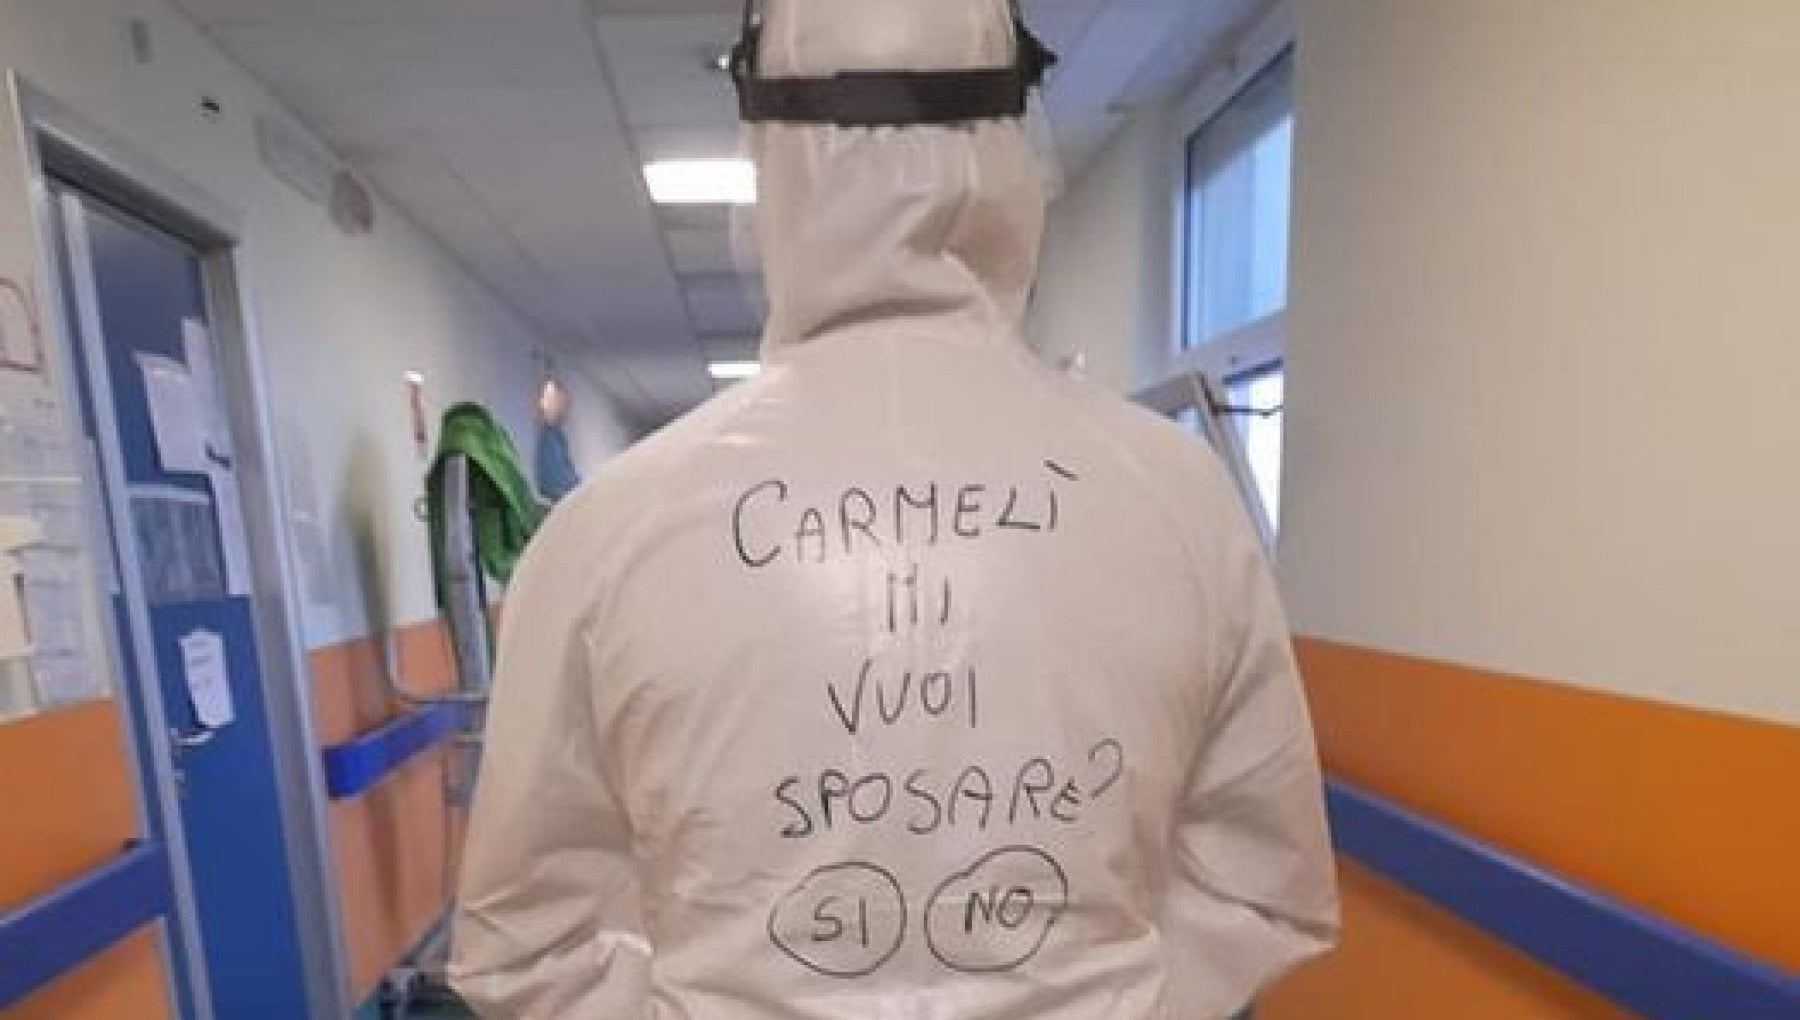 Carmeli mi vuoi sposare sulla tuta anti Covid dellinfemiere arriva la proposta di matrimonio